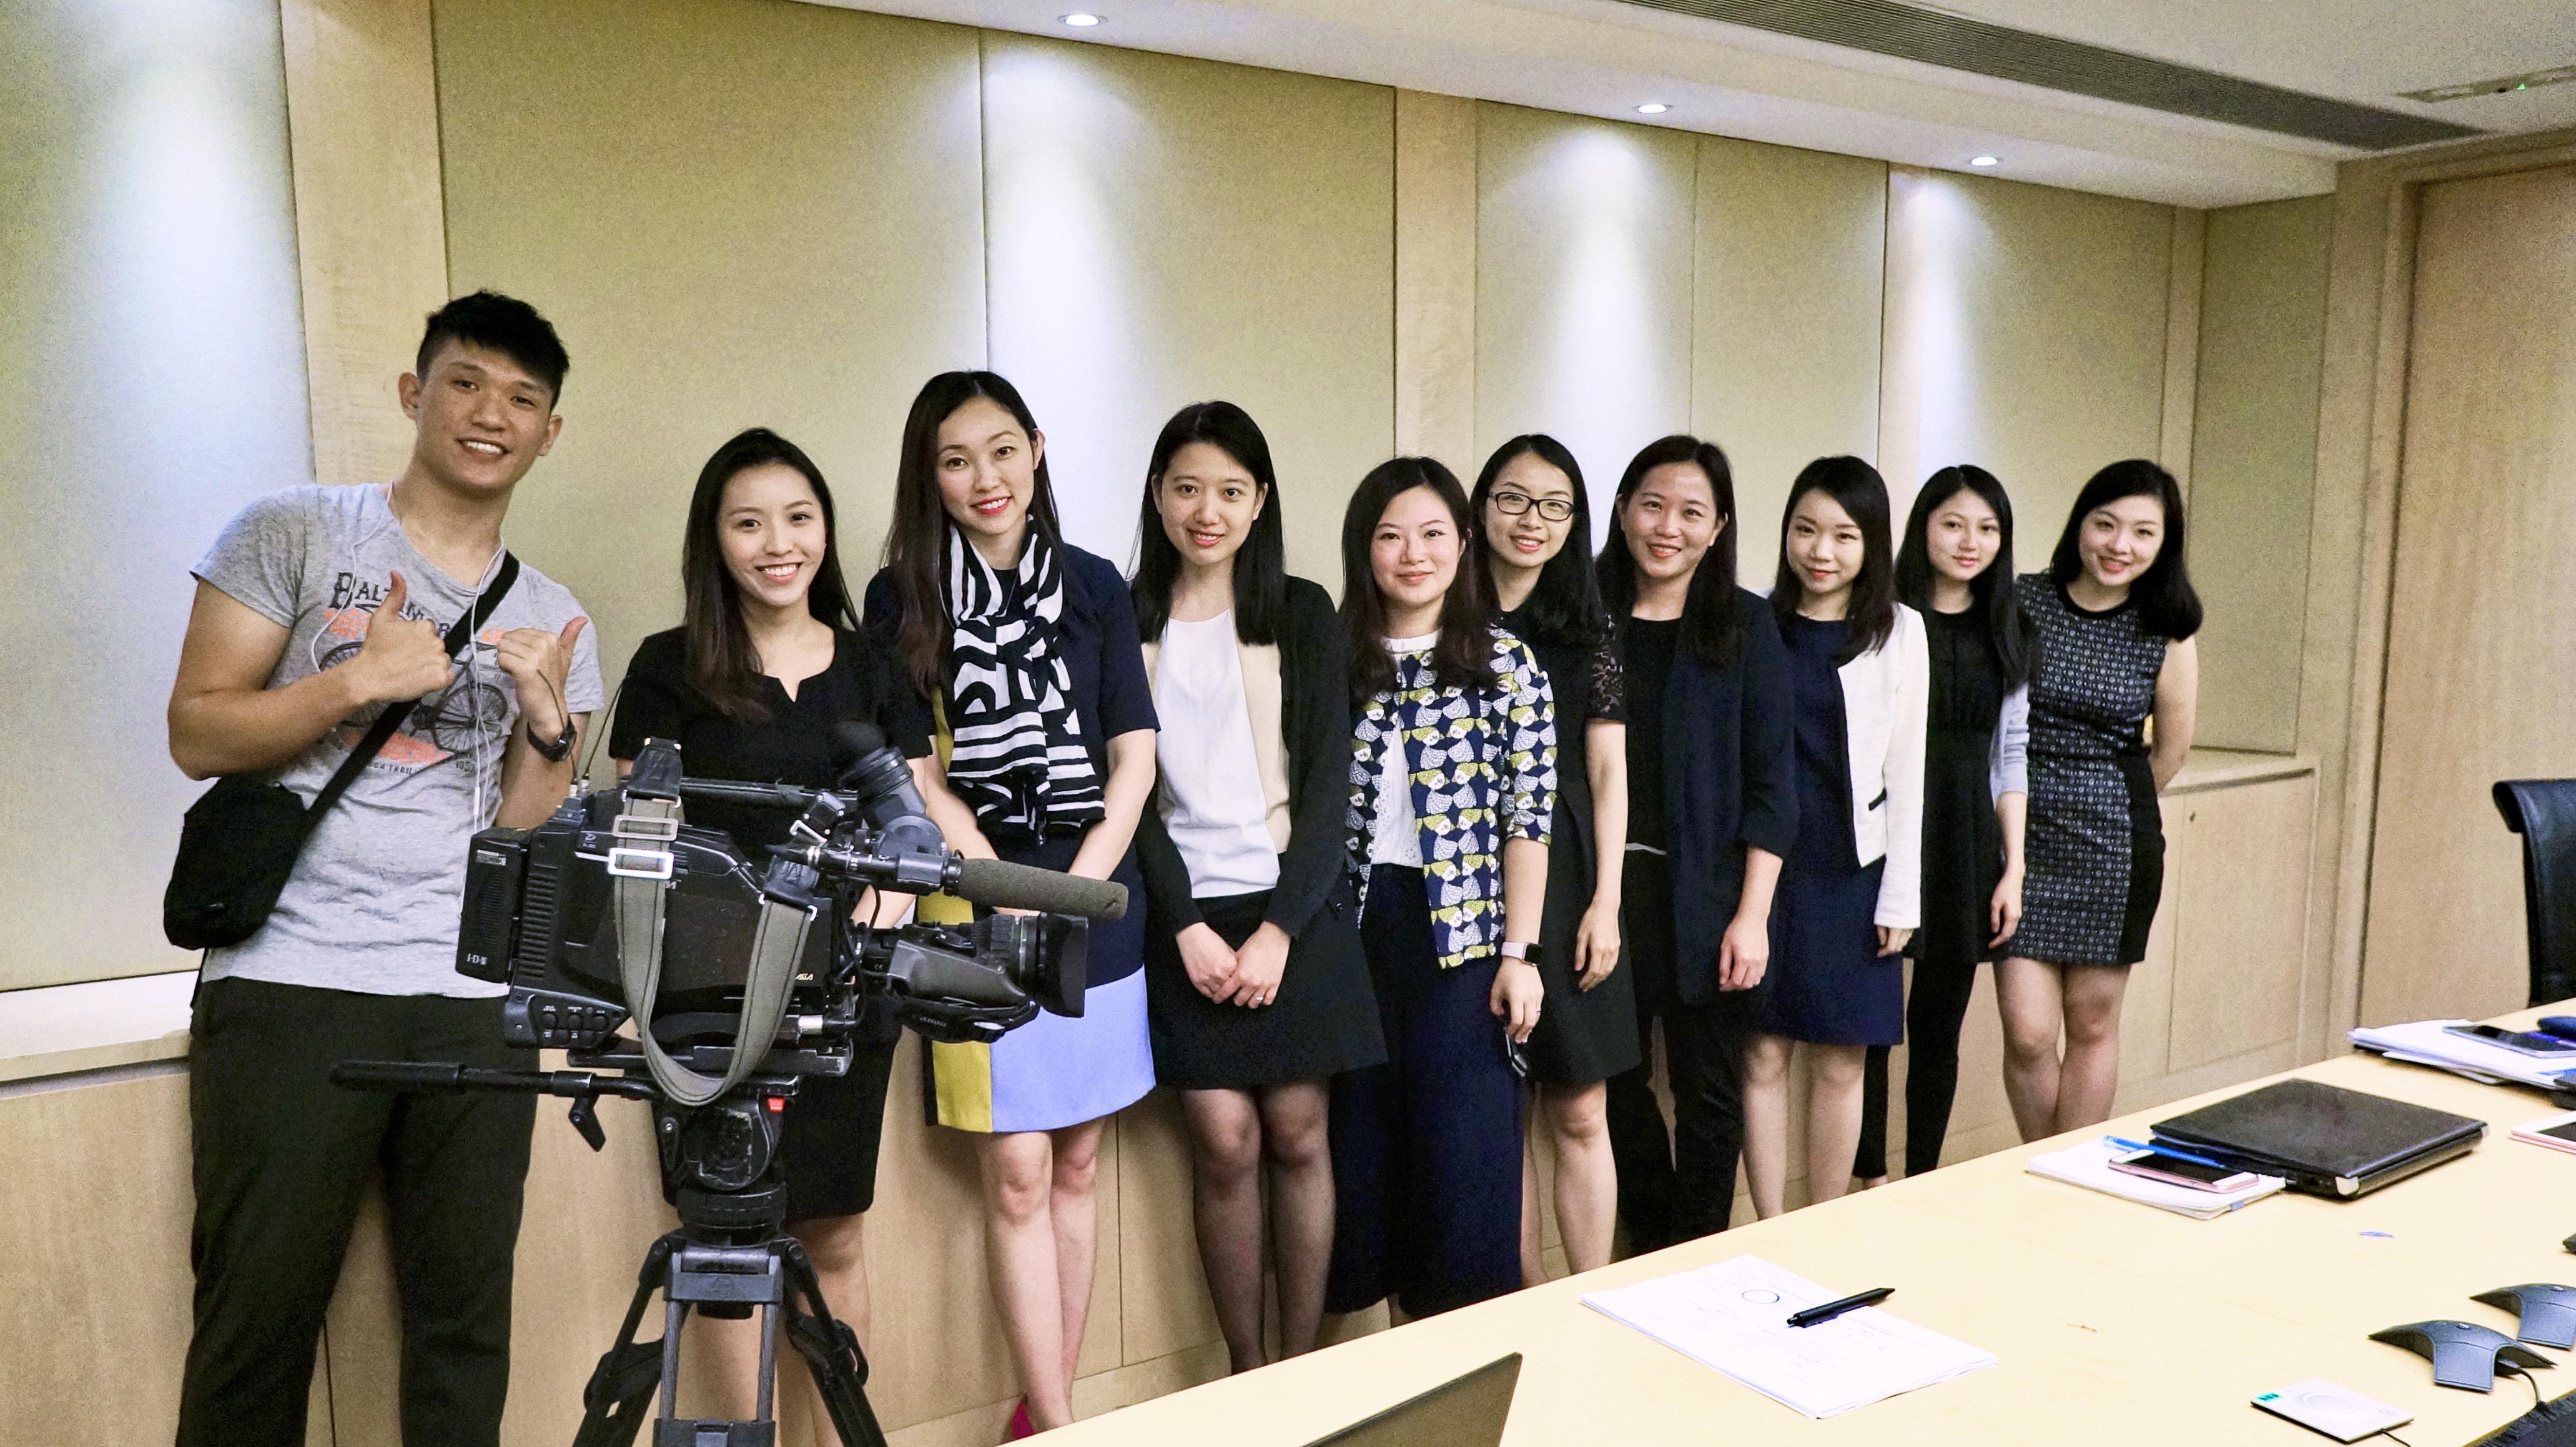 Danita On and IR team of Chow Tai Fook